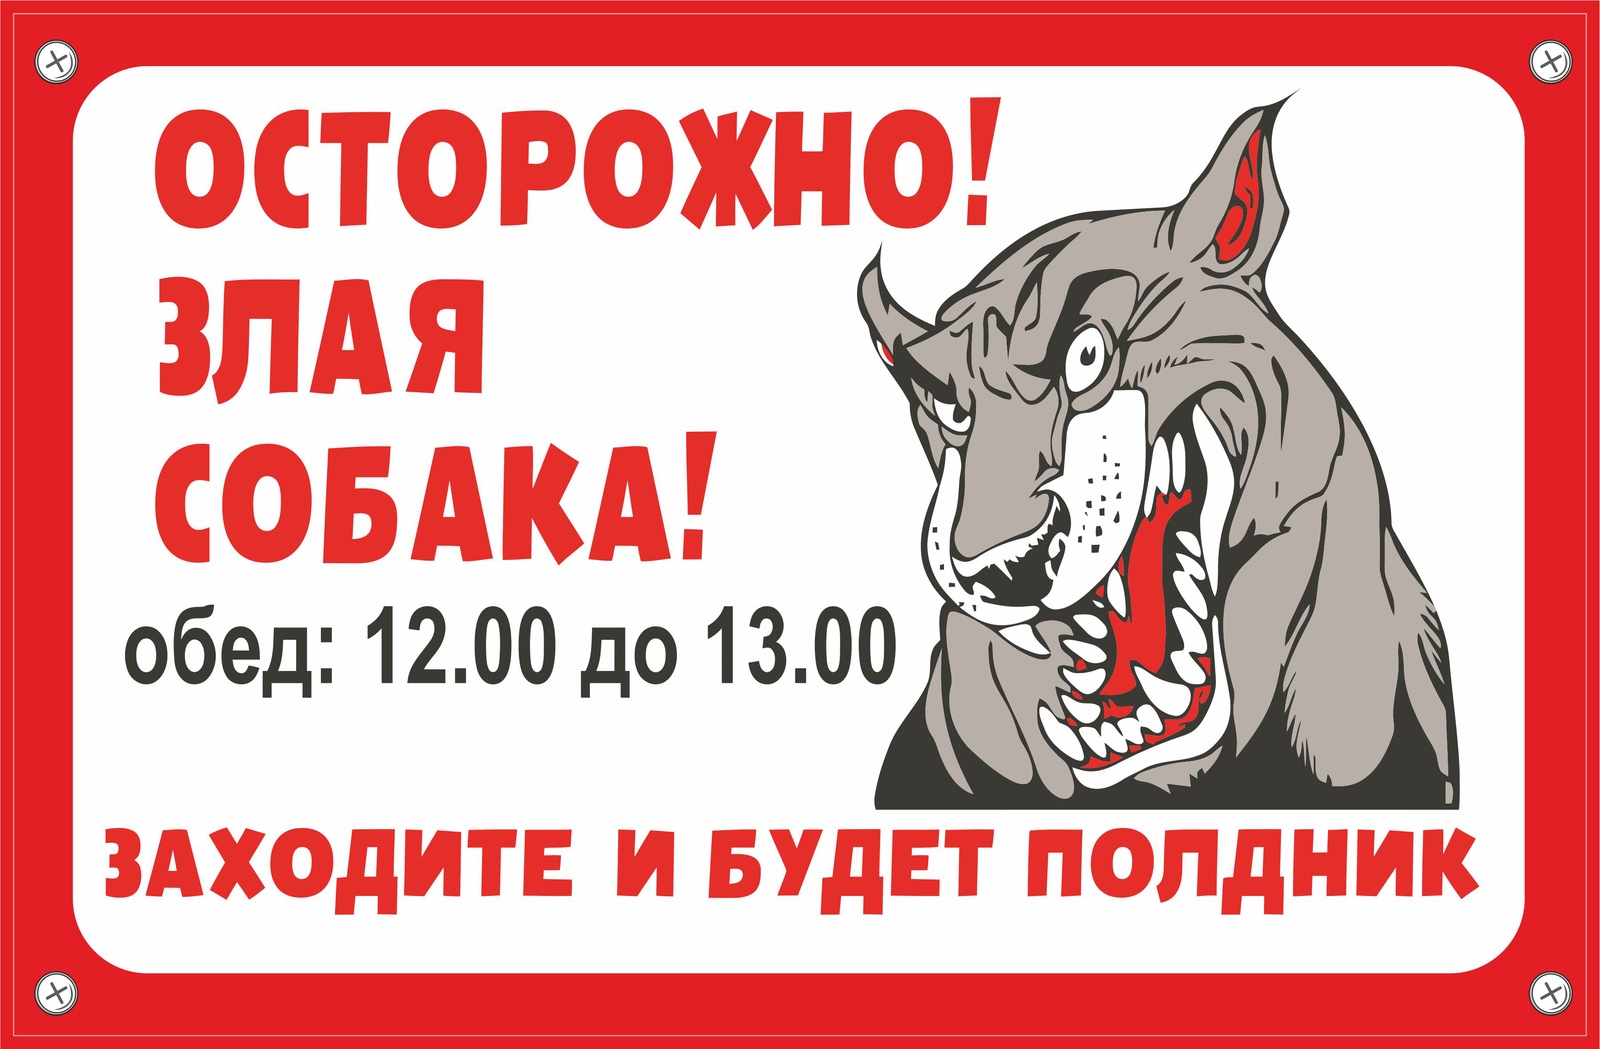 Табличка Mashinokom Собака полдник TPS 001, белый, красный, 30*19,5 см табличка tps 004 собака без привязи пластик 3 мм 30 19 5 см